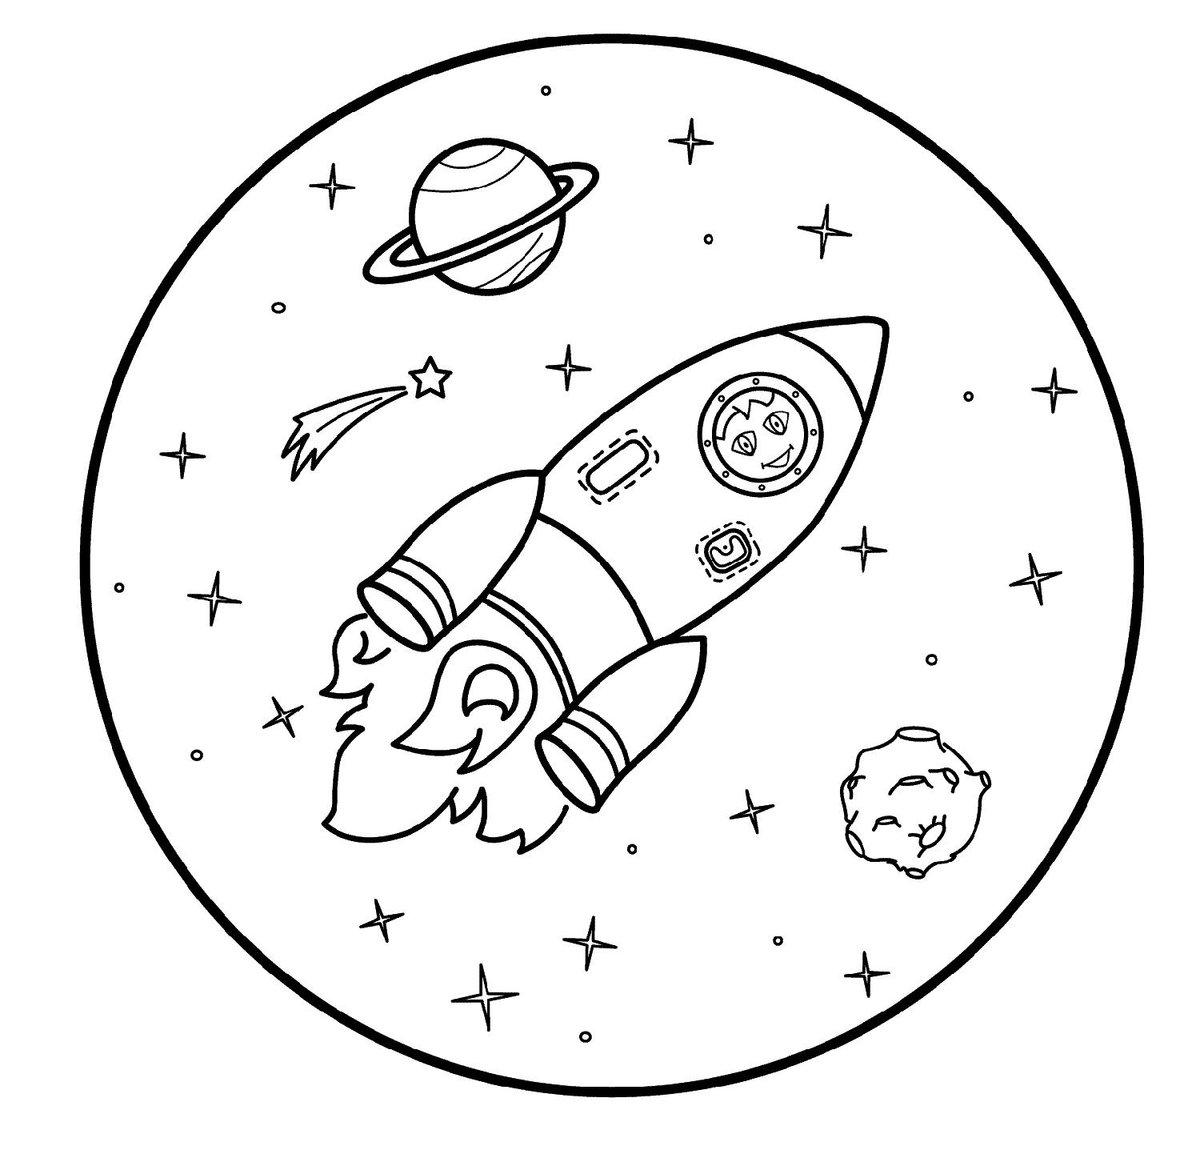 Картинки с космосом для детей раскраски